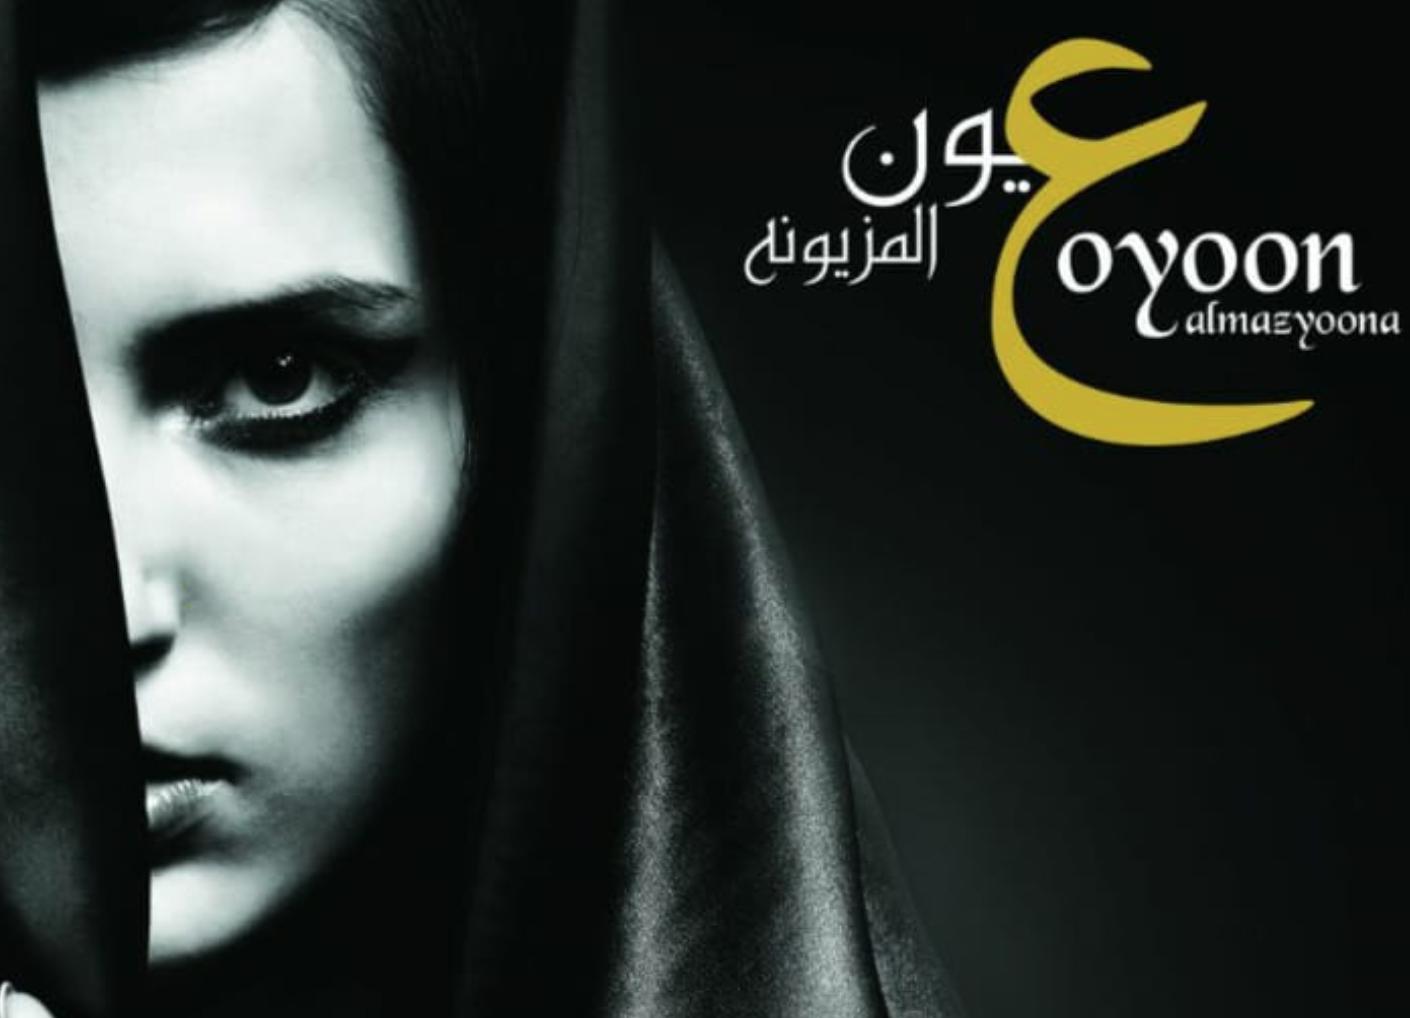 Oyoon Al Mazyoona